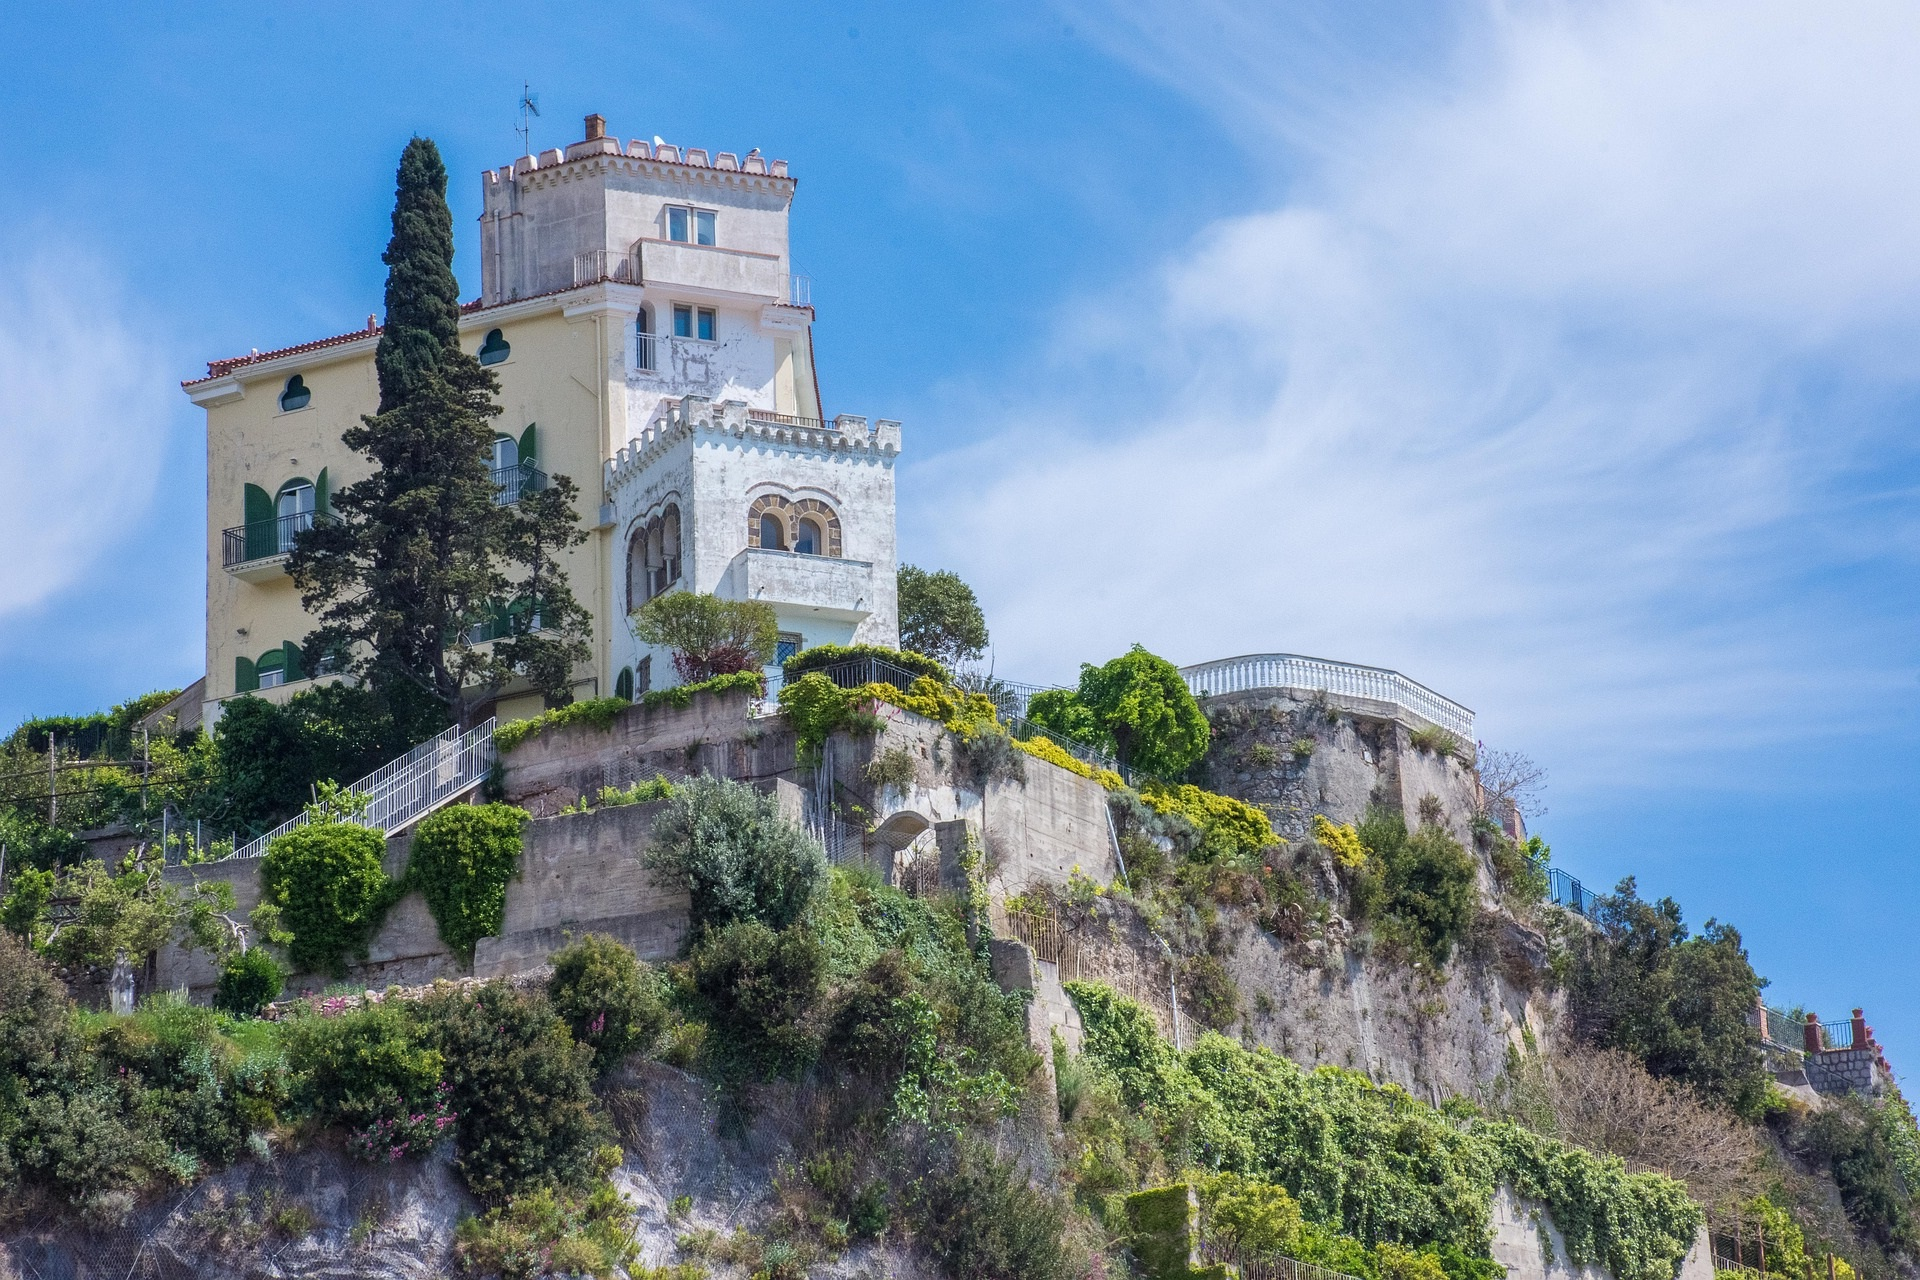 Le top10 de bonnes raisons de prendre une villa plutôt qu'un hôtel en vacances